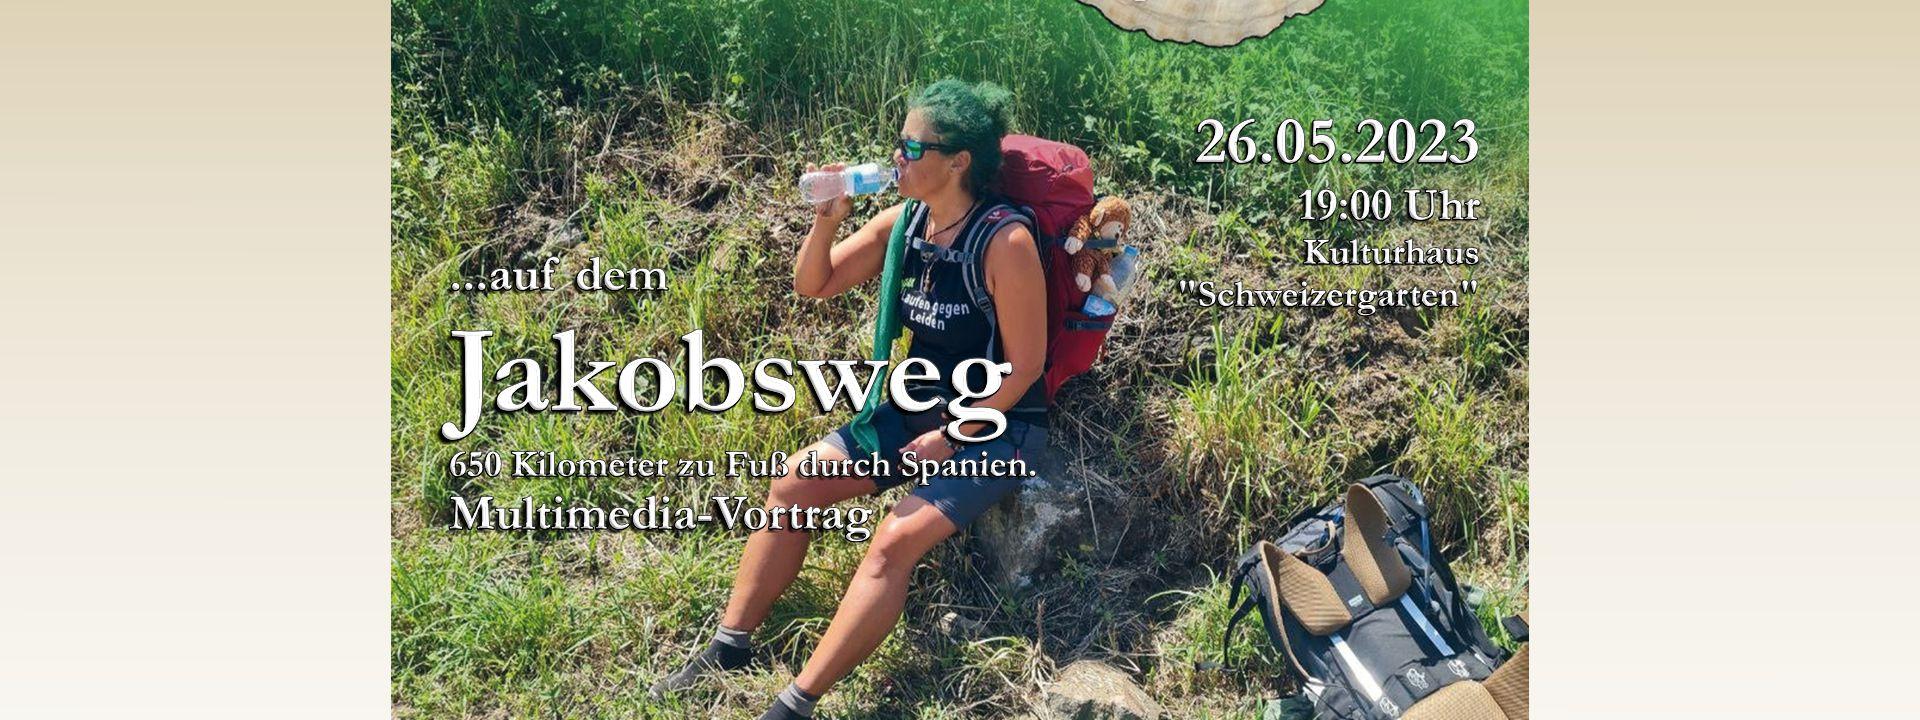 KulturBetrieb Wurzen Startseite Banner 6 (Herbstfest)